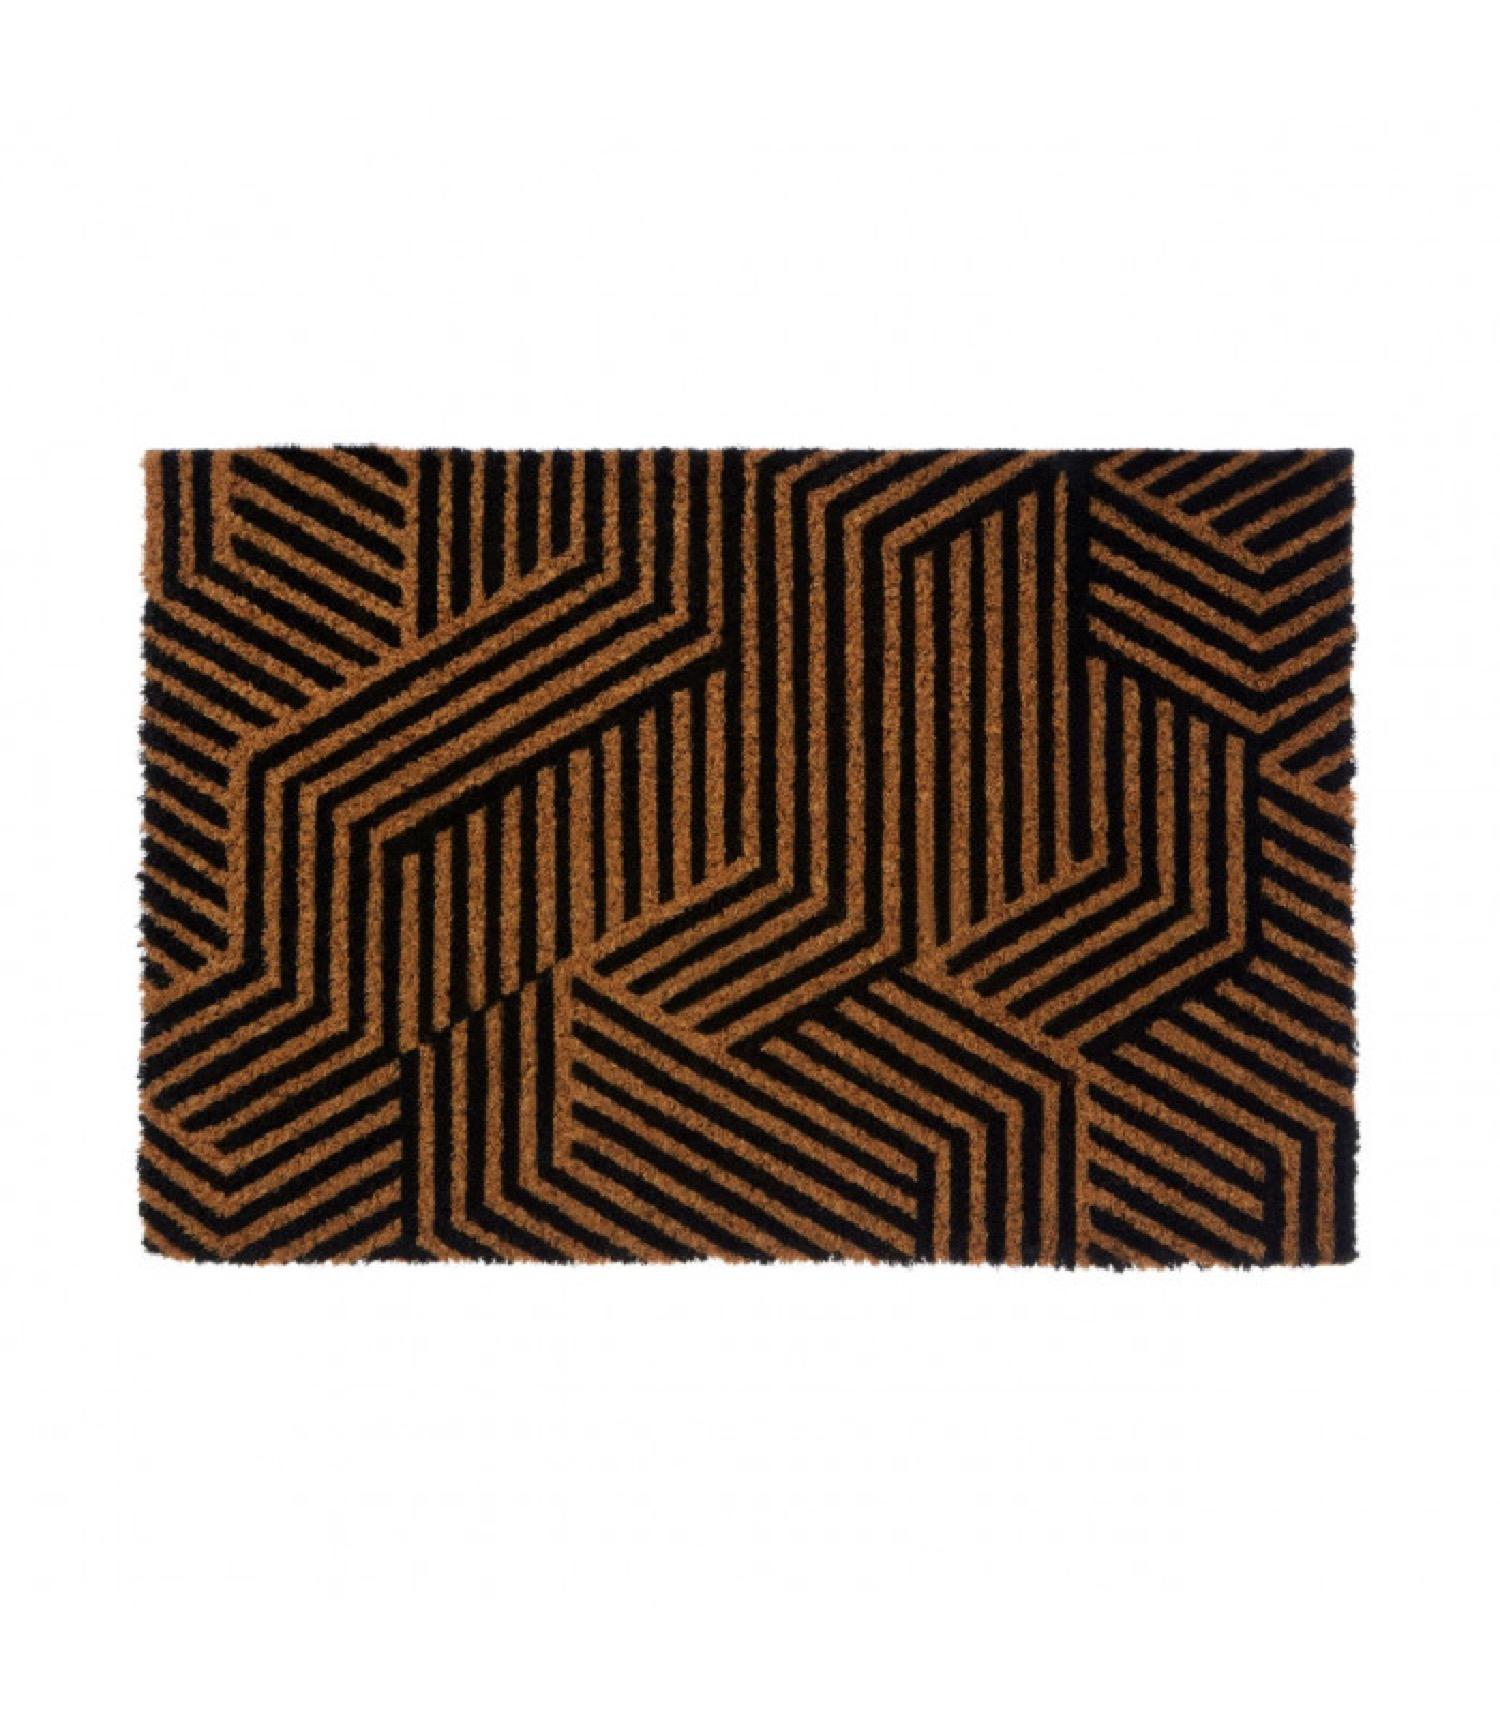 Paillasson coco motifs géométriques noirs 60x40cm